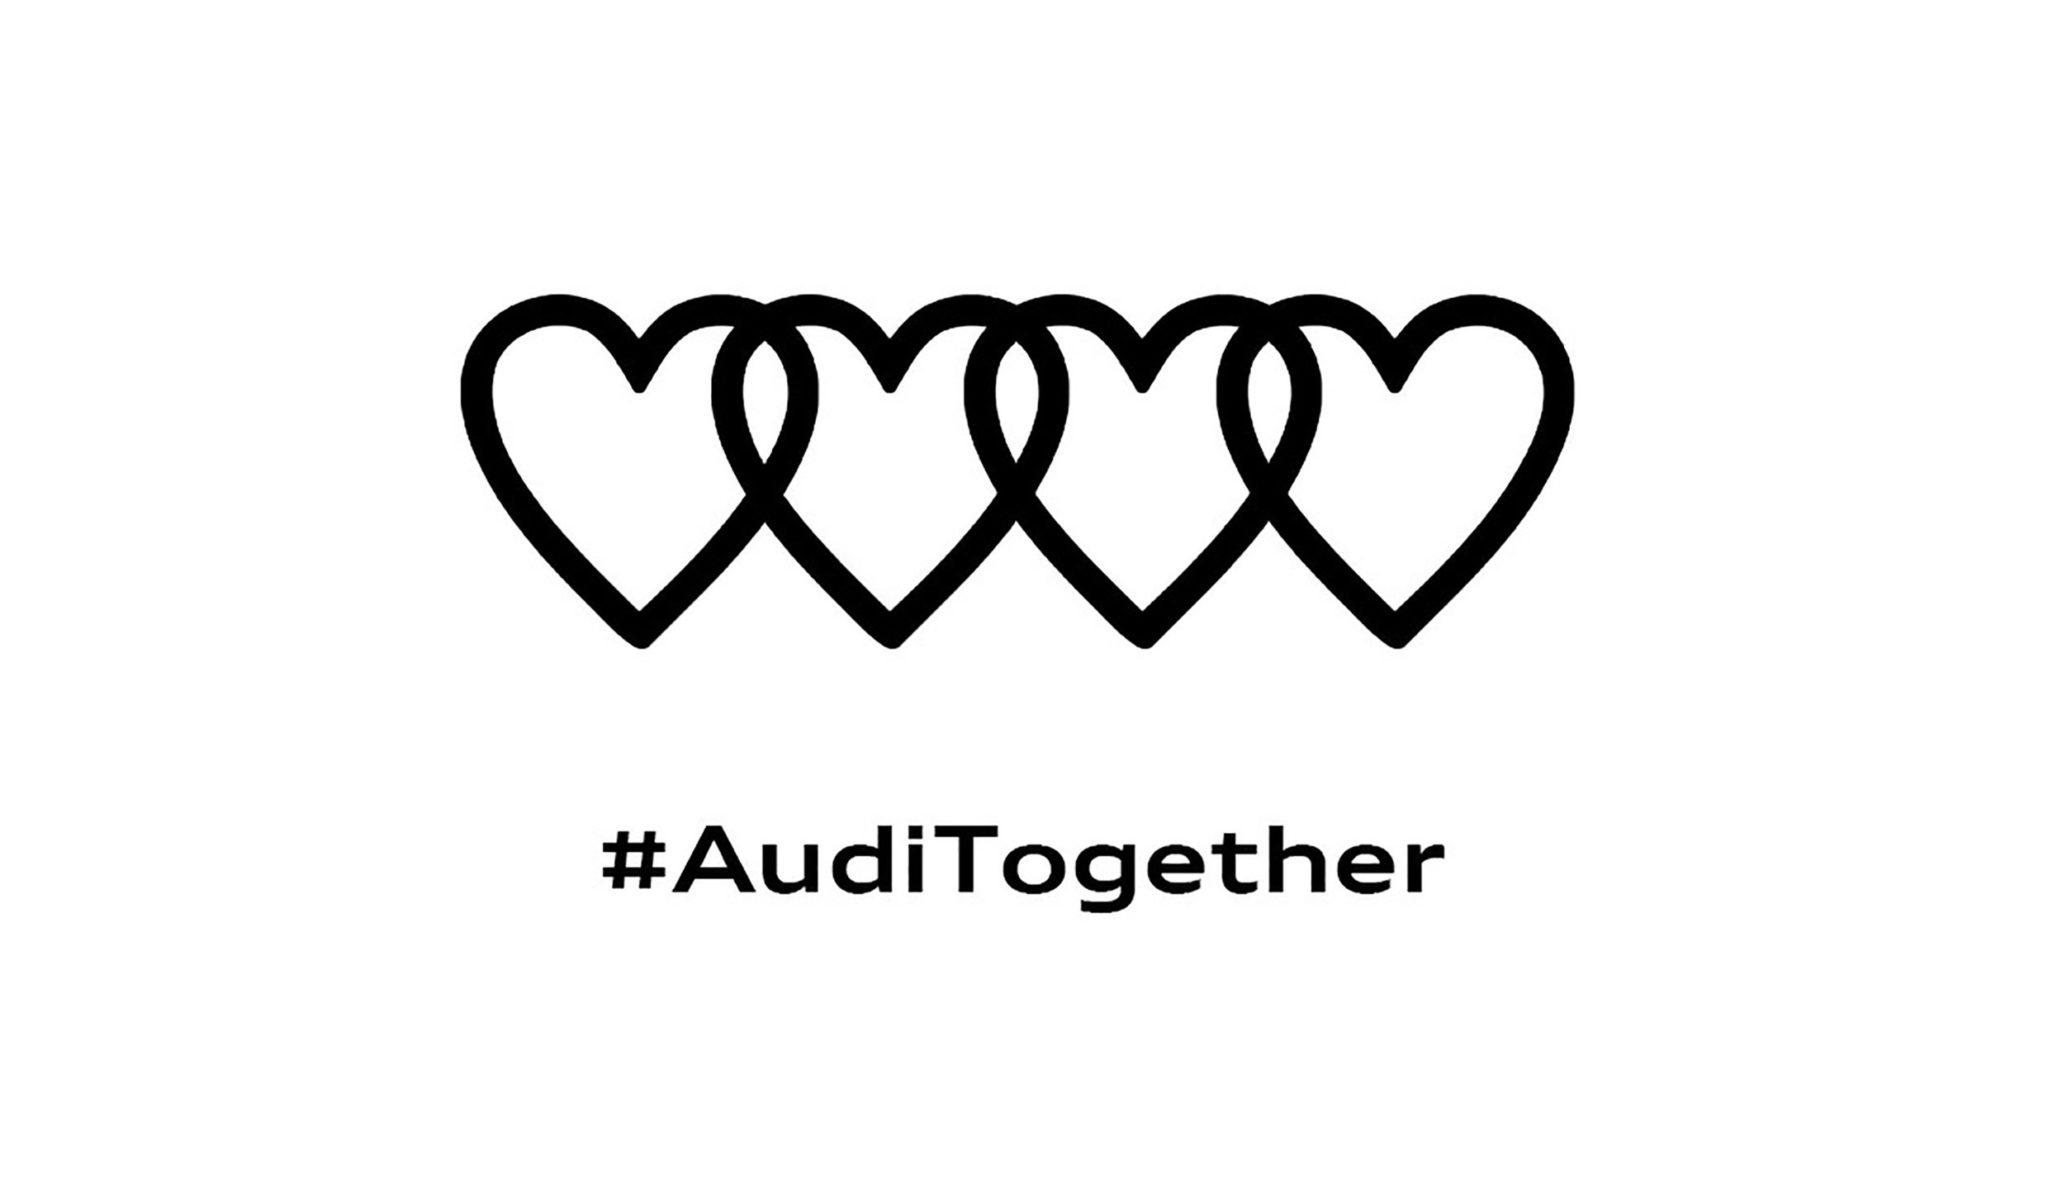 Audi stellt in Corona-Krise fünf Mio. Euro bereit